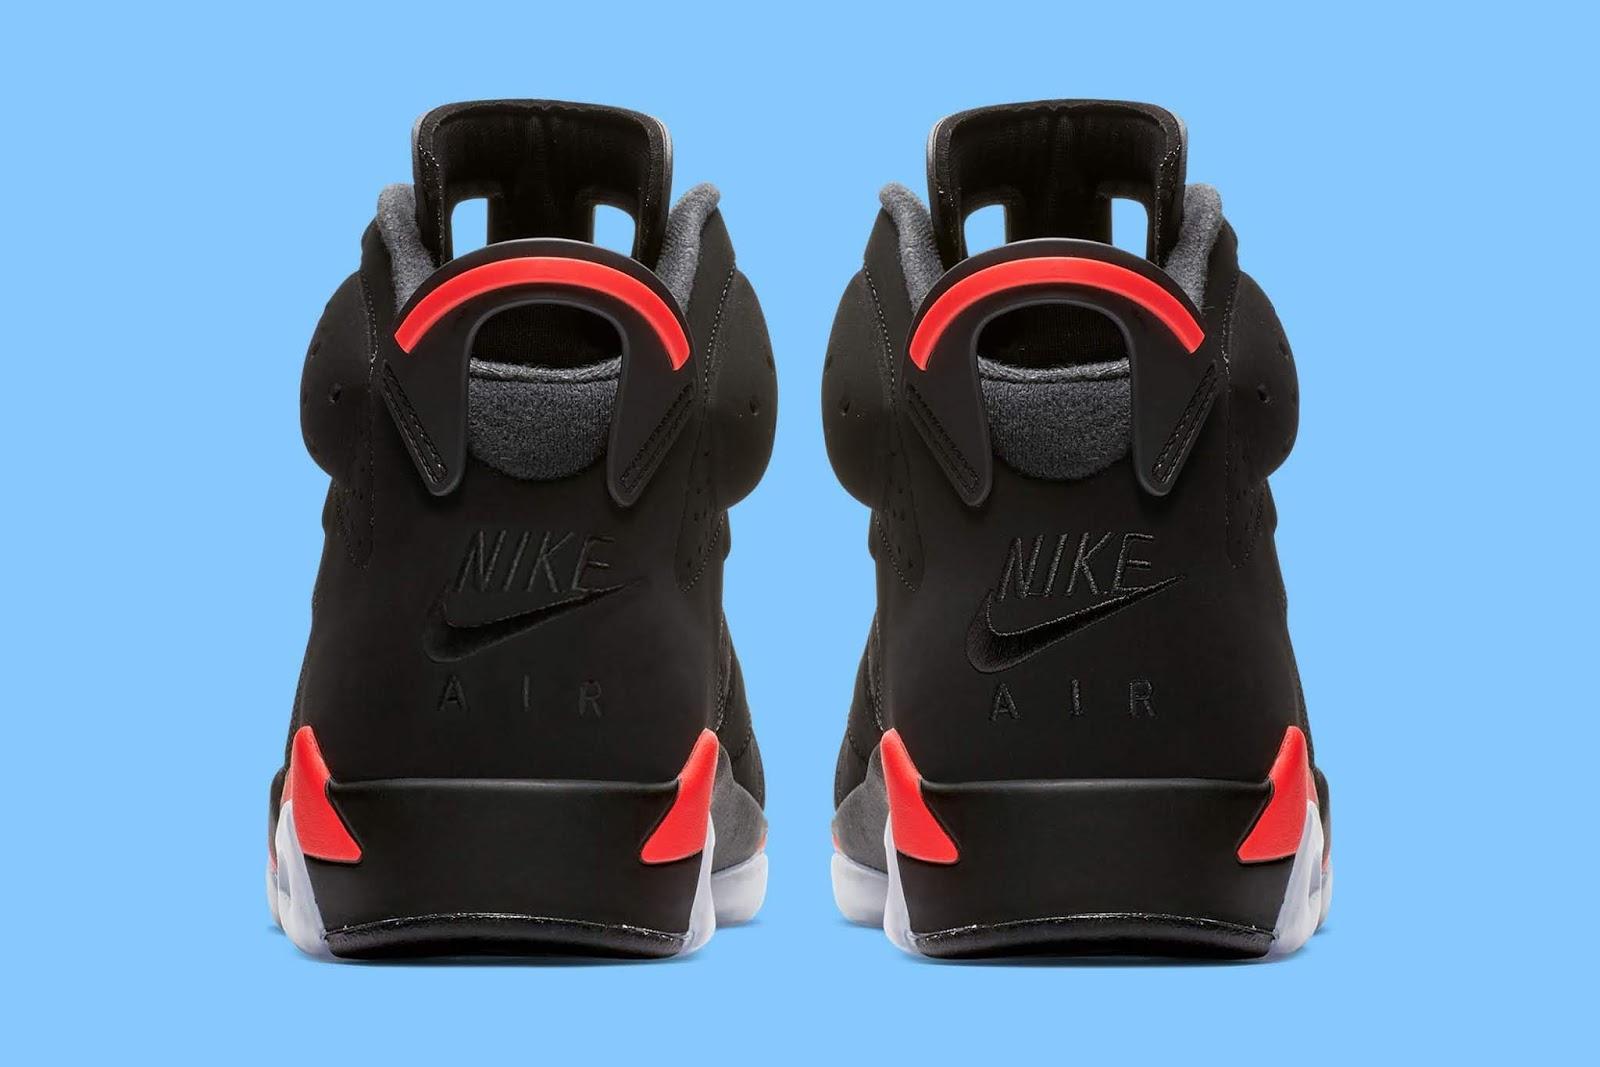 55de2ed4c63b The Air Jordan 6